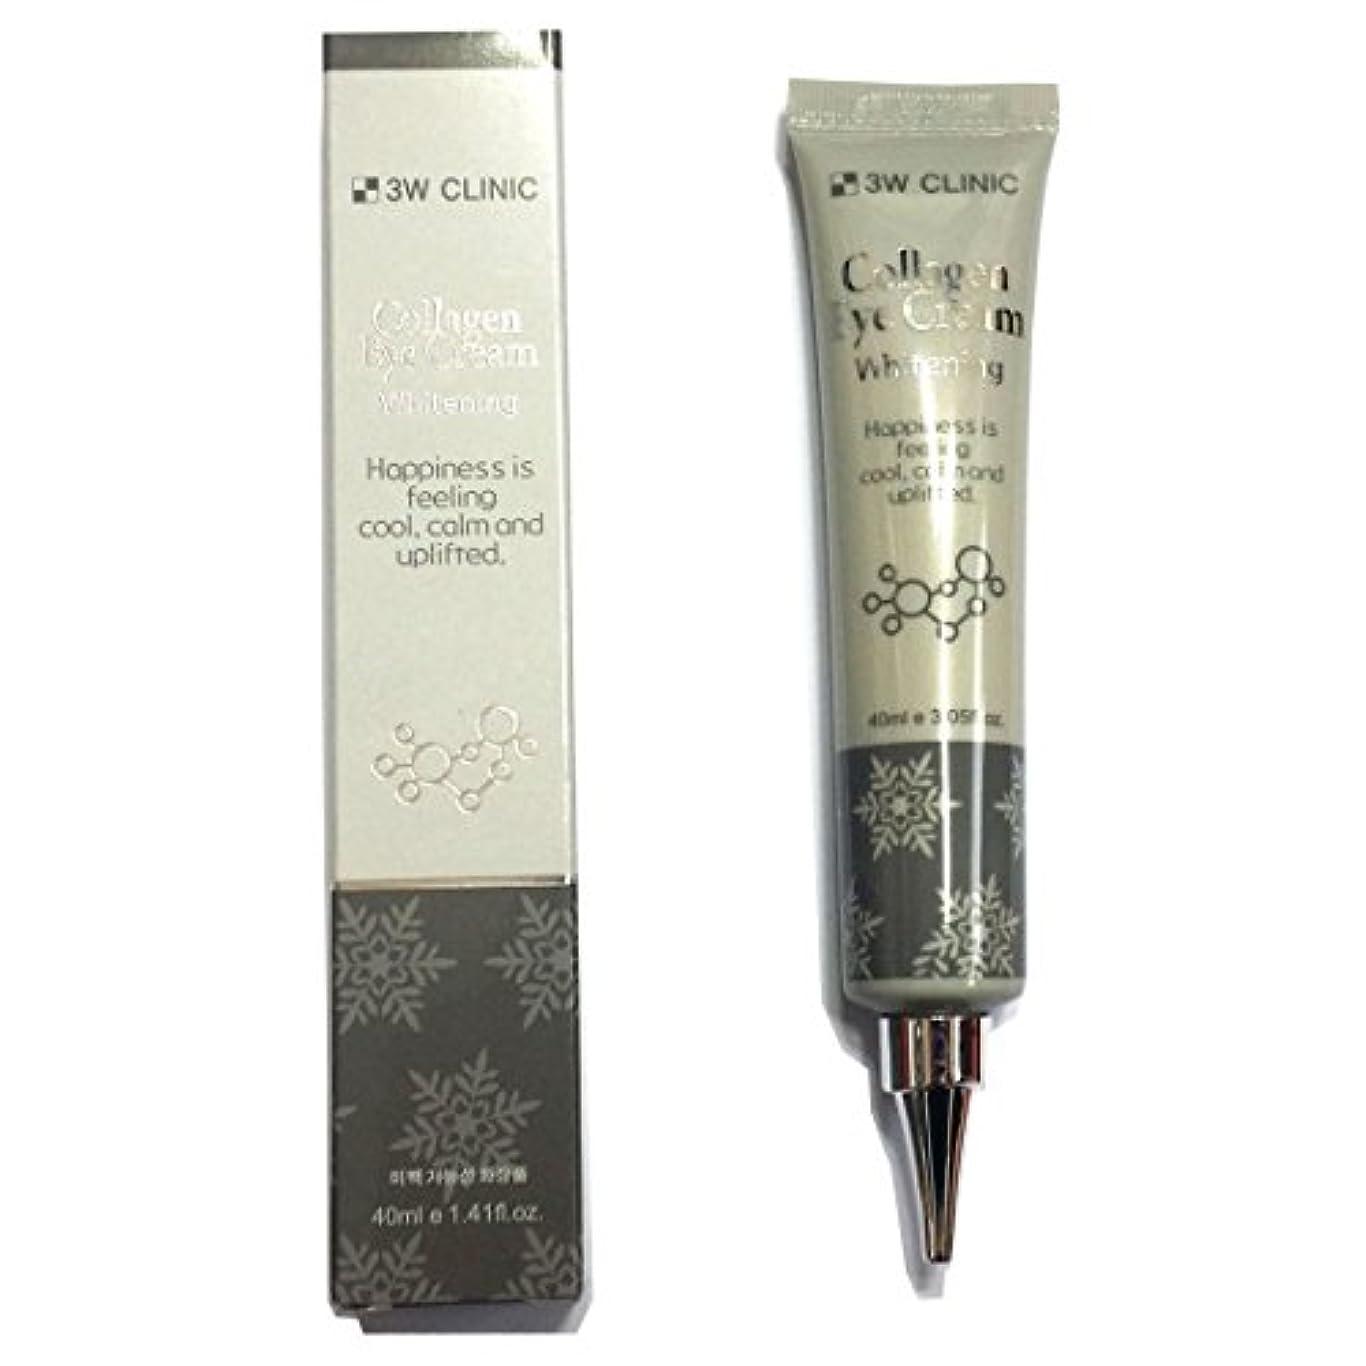 カラス優勢間接的[3W CLINIC] コラーゲンアイクリームホワイトニング40ml X 1ea / Collagen Eye Cream Whitening 40ml X 1ea / しっとりしっとり / Anti wrinkles,...